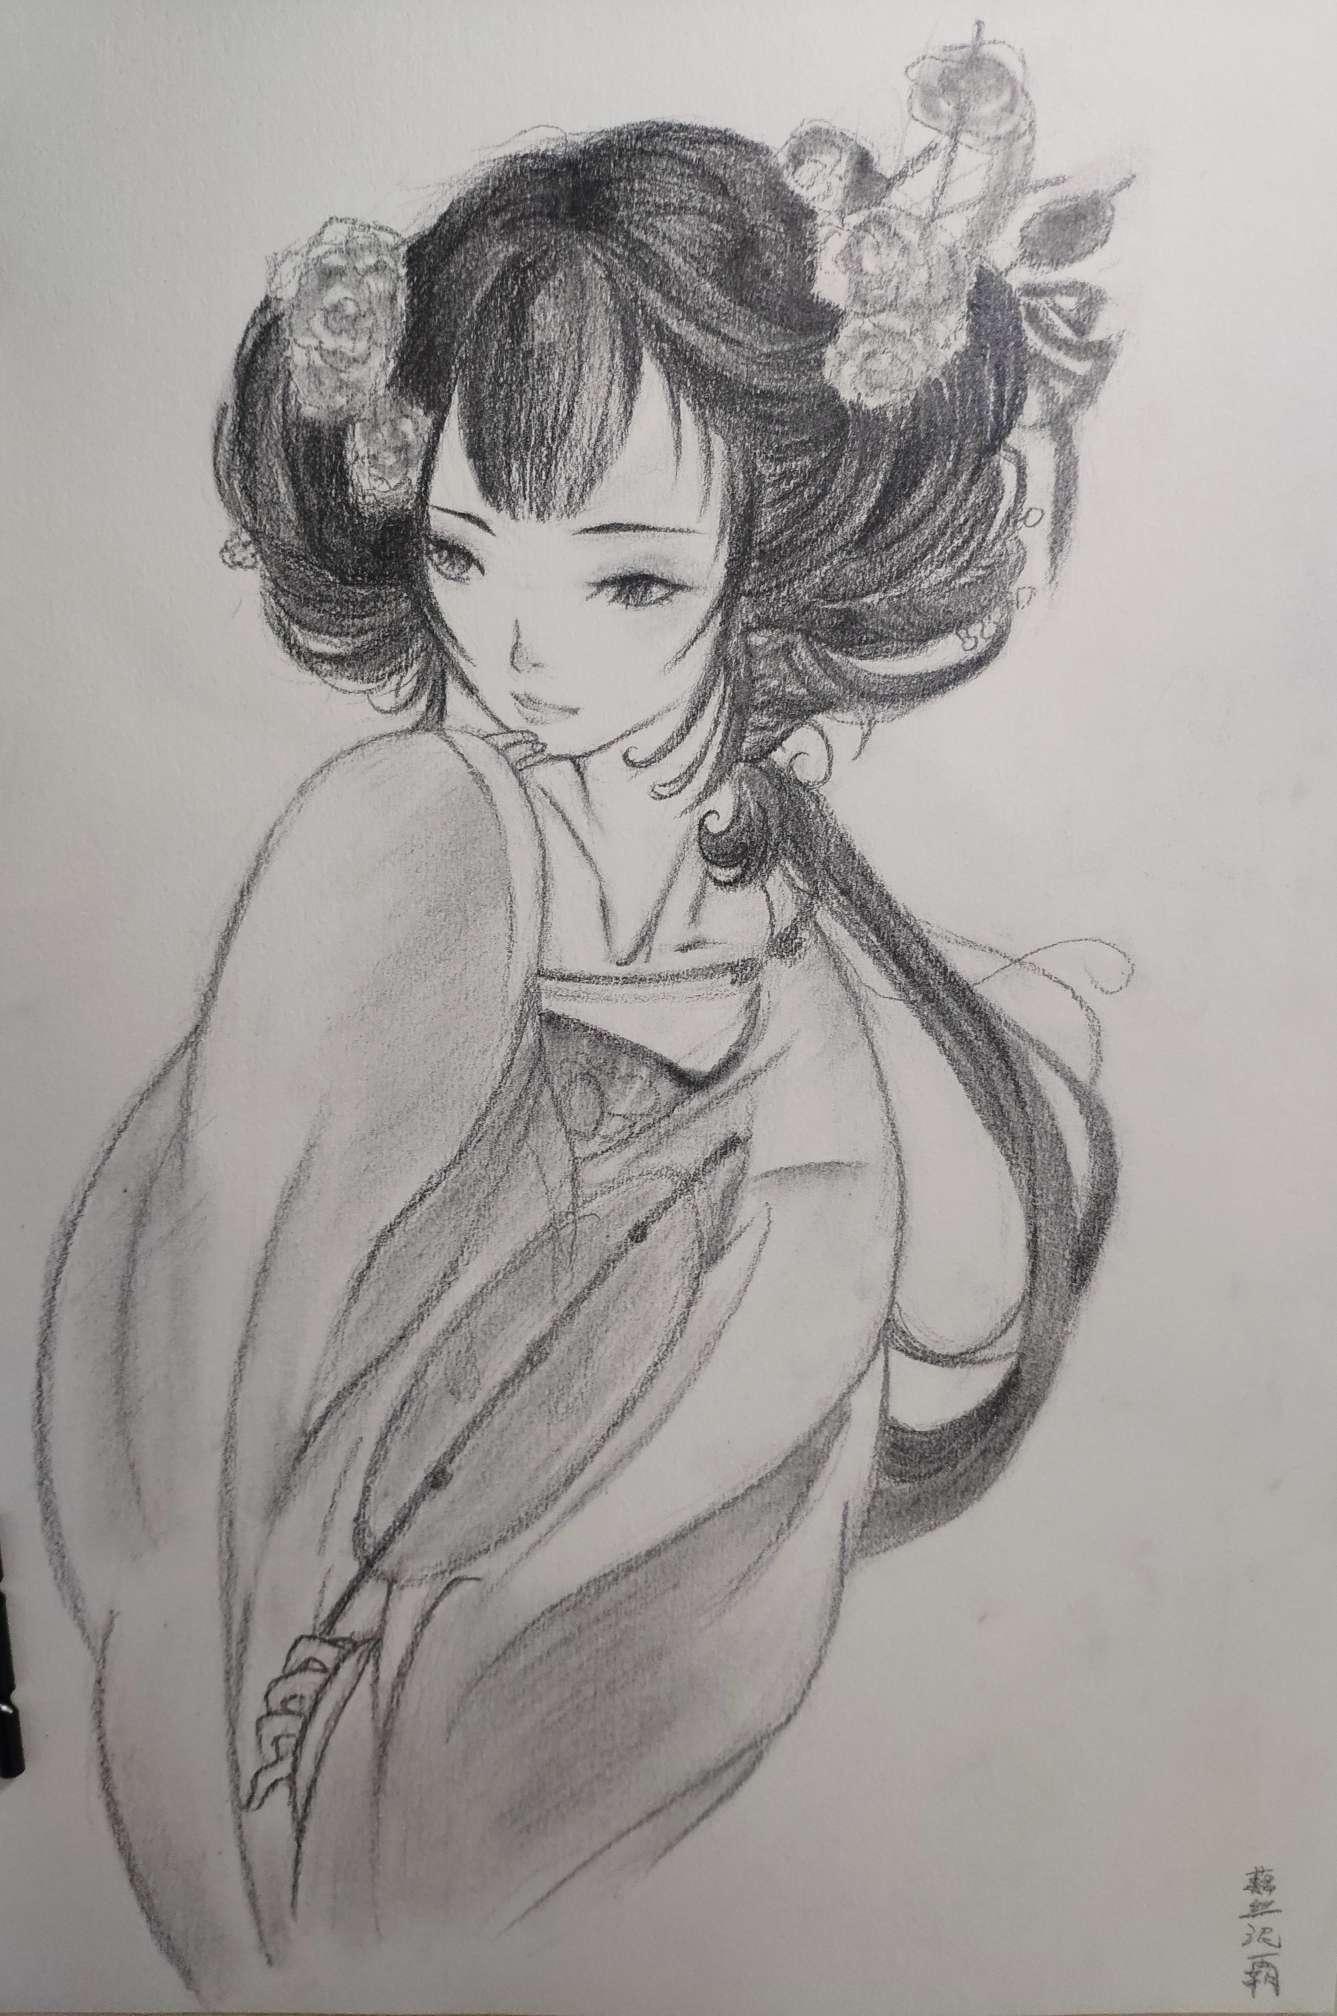 【手绘】国风小姐姐,情侣头像二次元唯美